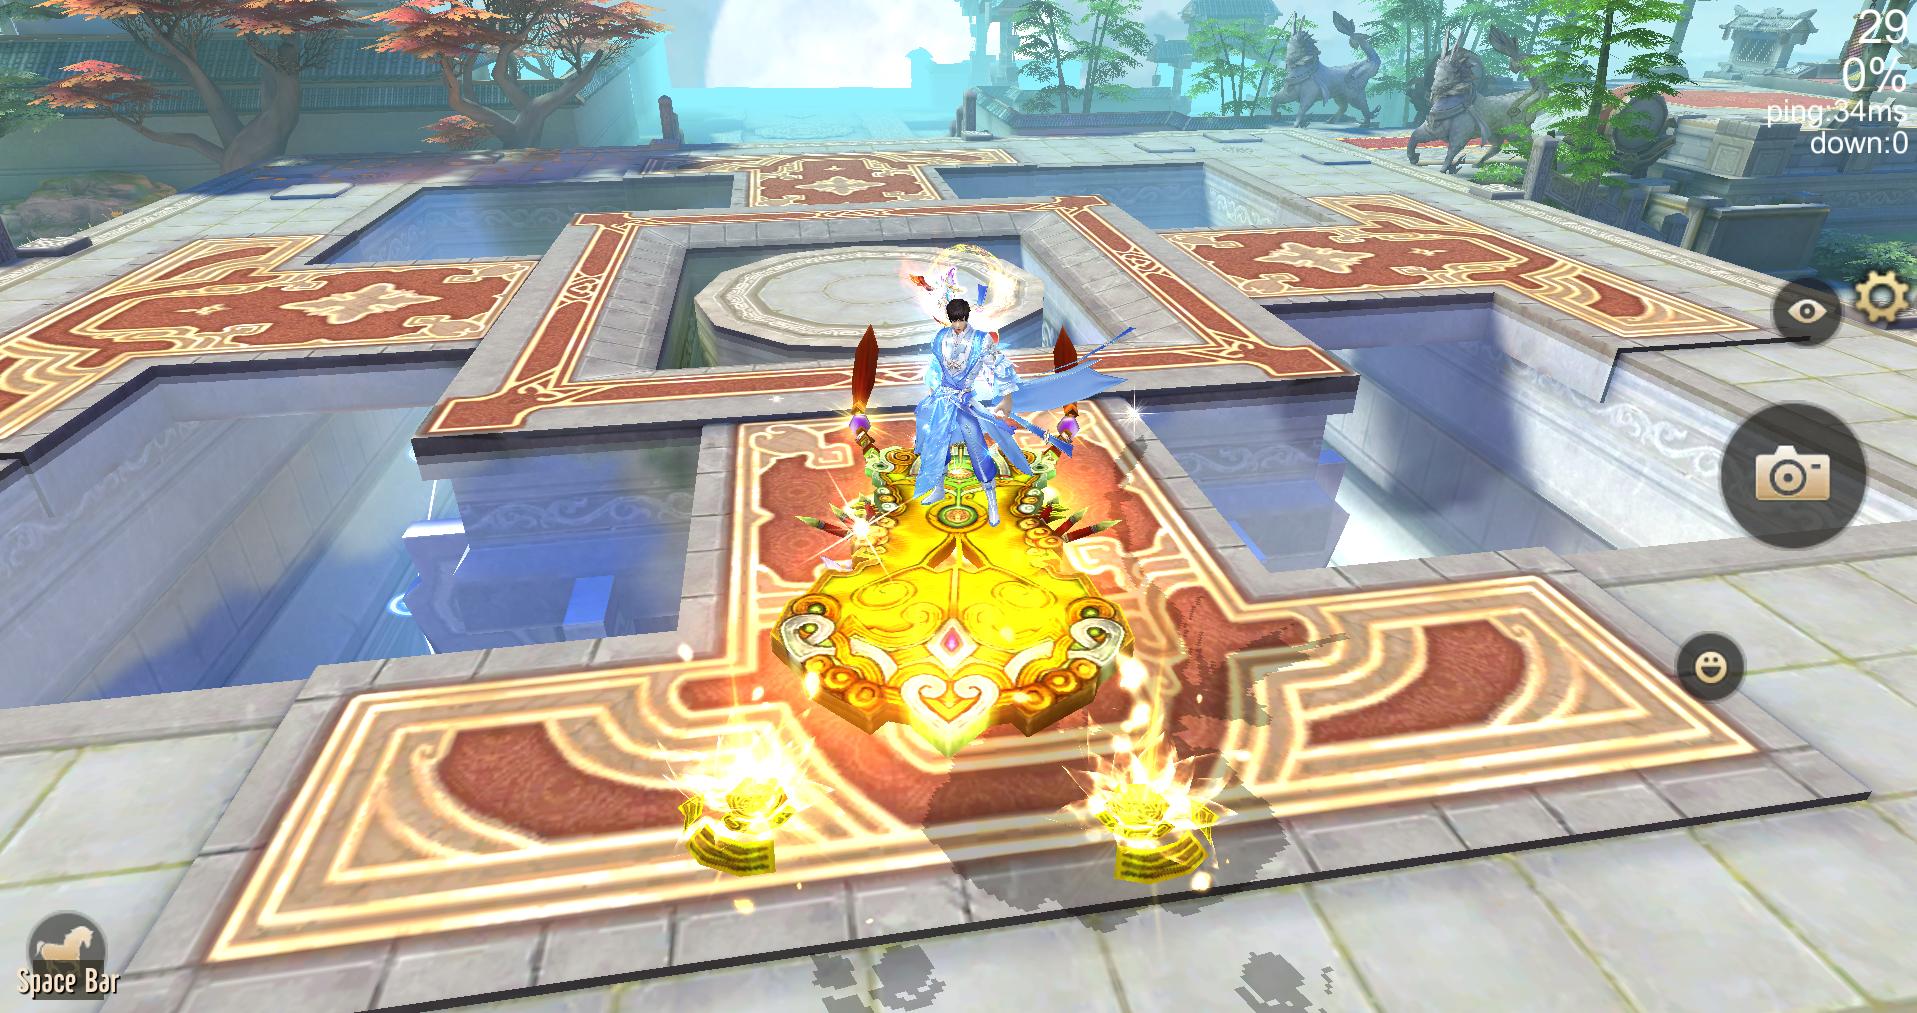 Hồ Quang Hiếu bất ngờ bị cruch phũ cực mạnh và cách giải sầu cực hiệu quả bằng... game - Ảnh 7.